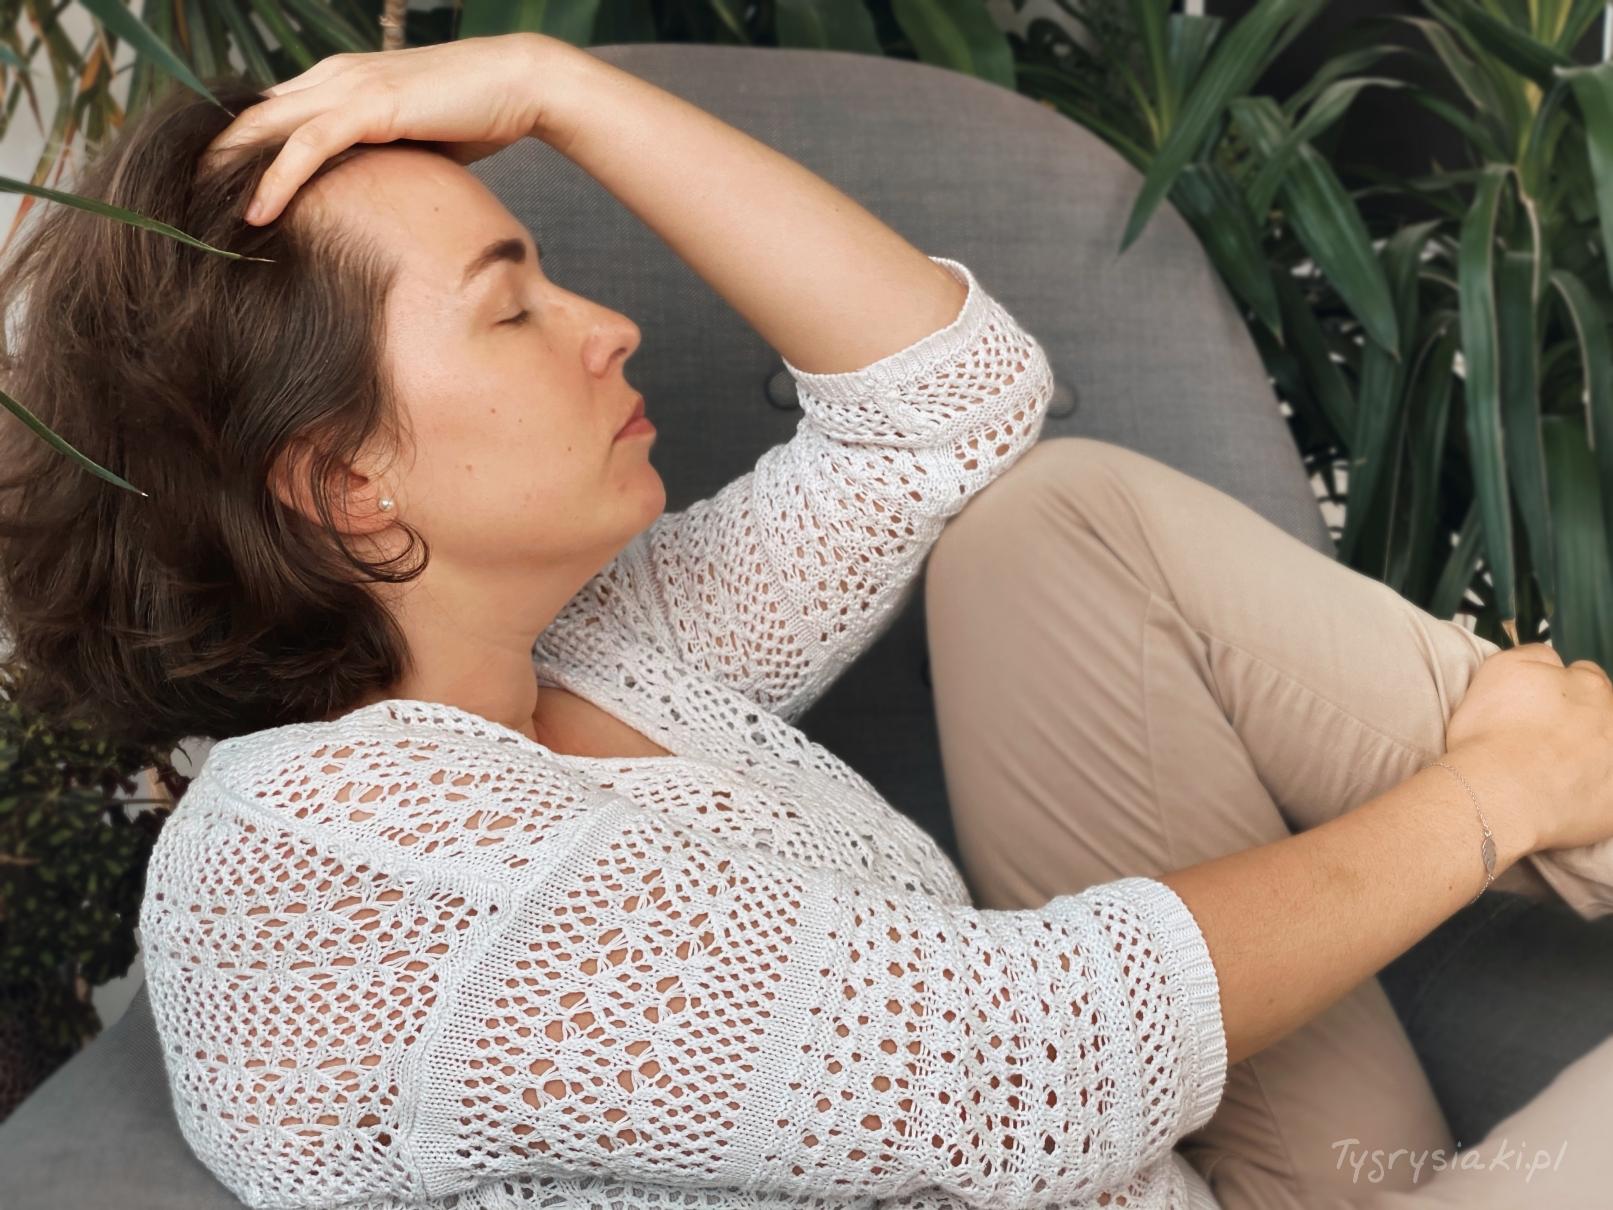 spokojna kobieta odpoczywa nafotelu odgarnia reka wlosy